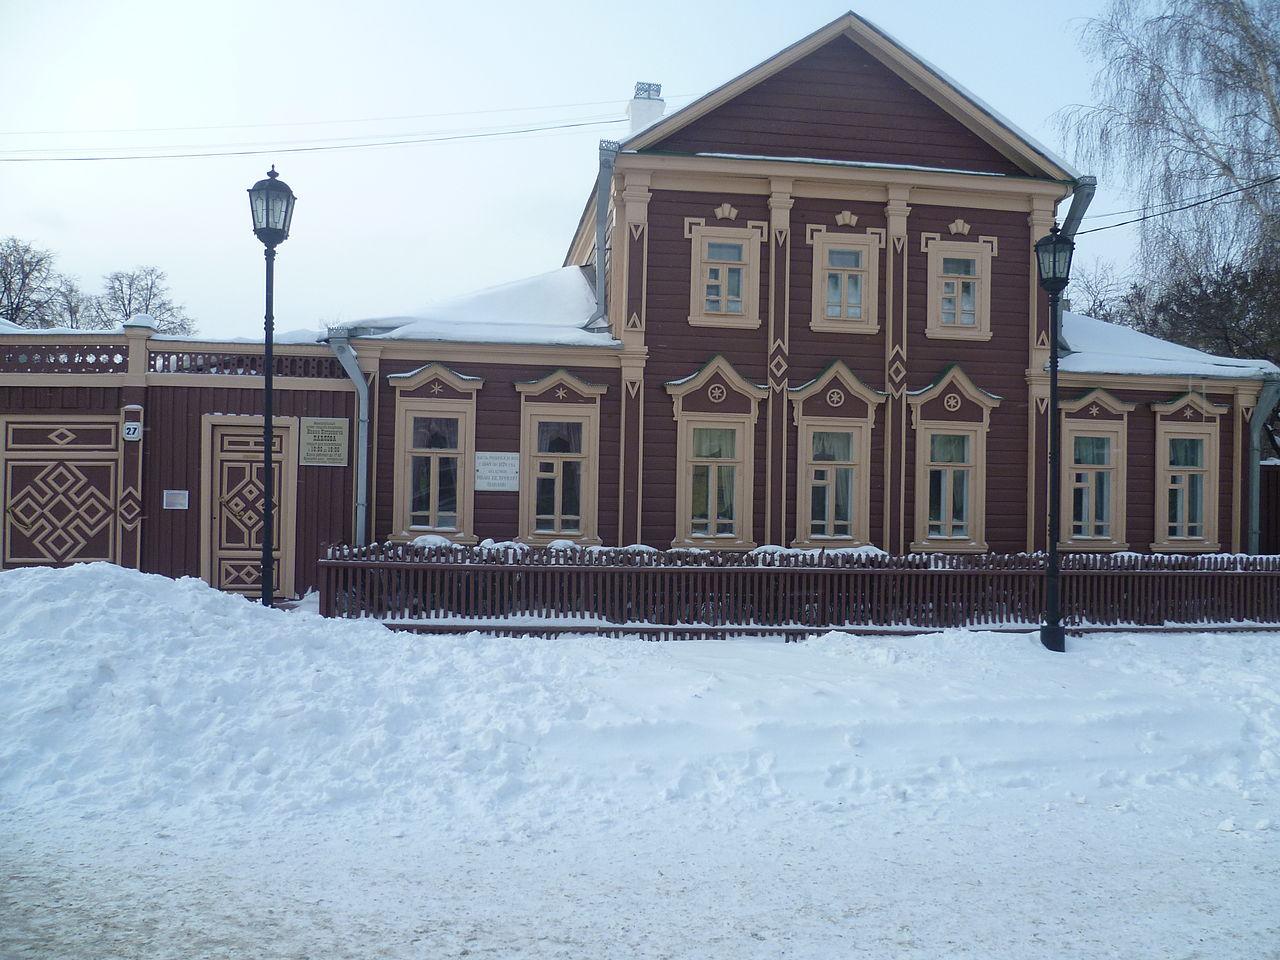 Музей-усадьба ак. Павлова в Рязани, 2012, дом, в котором Иван Петрович прожил с 1849 по 1870 годы